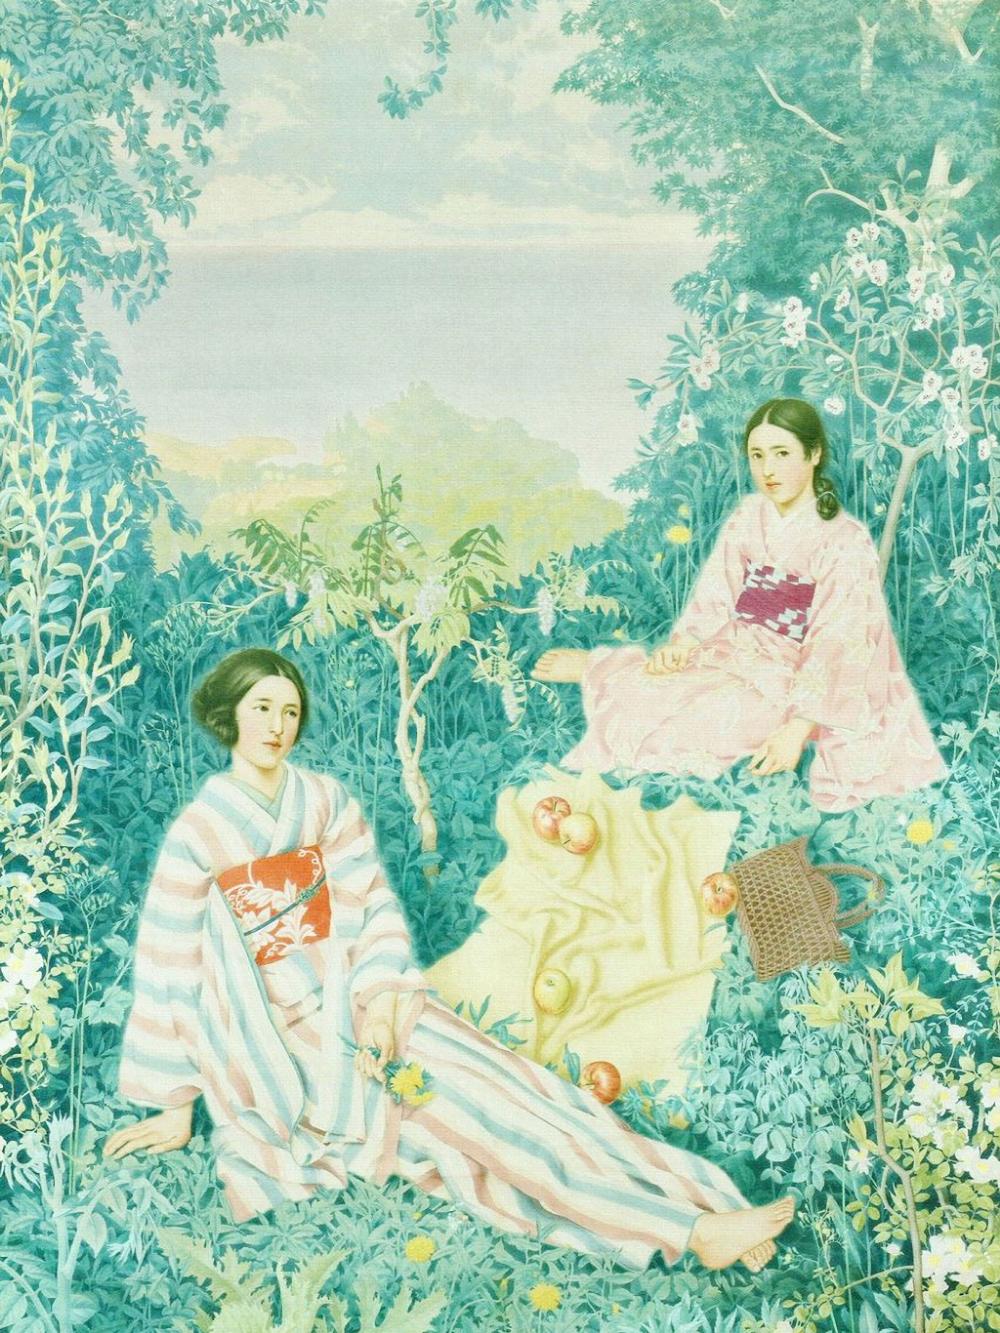 水谷道彦 春 Mizutani Michihiko Spring 2048 2732 壁紙